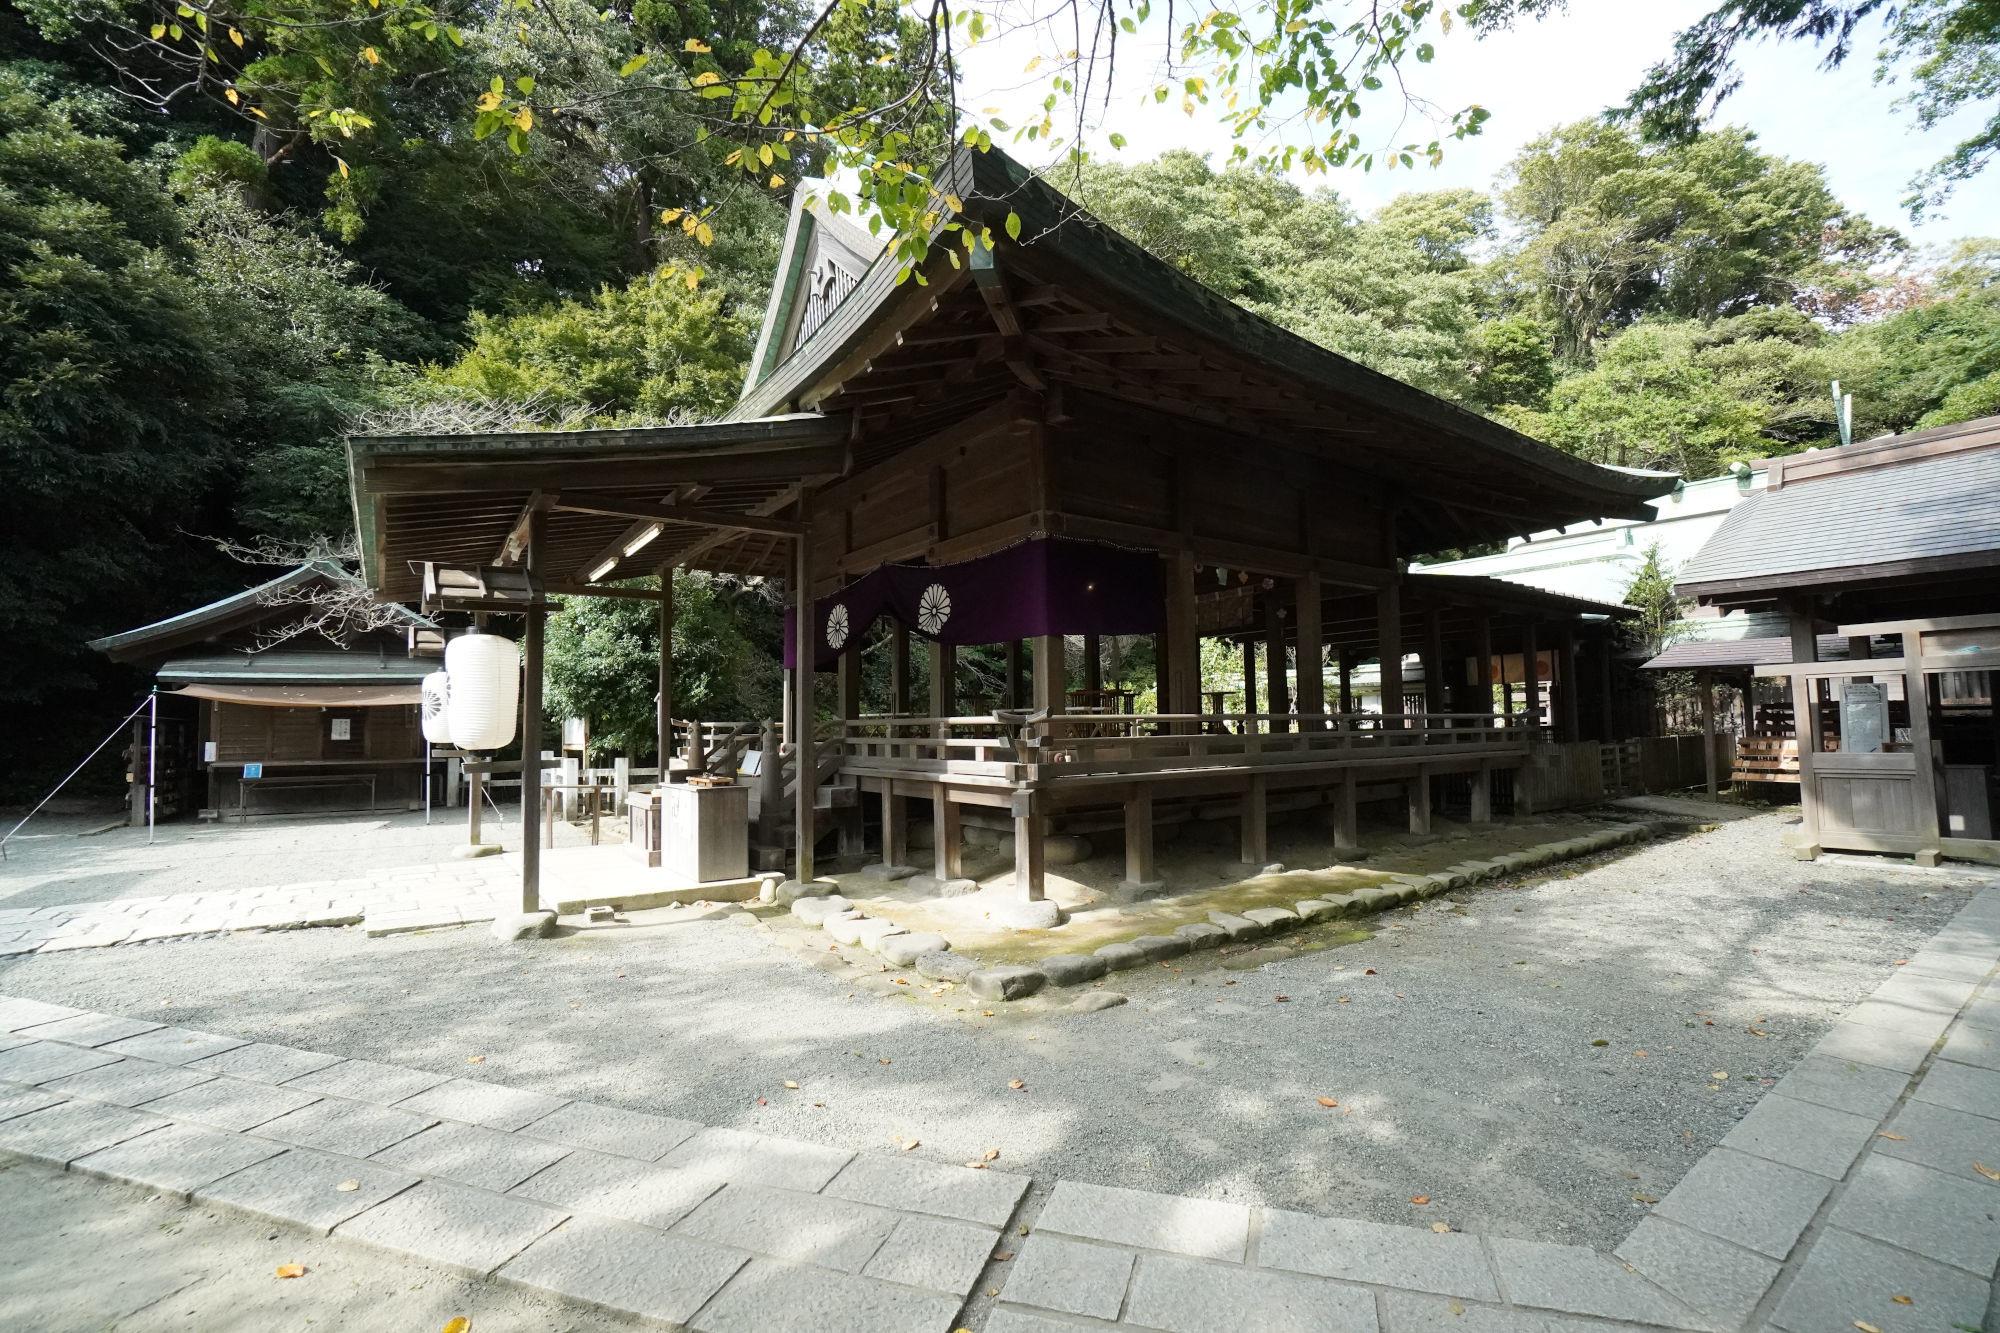 鎌倉宮の拝殿(右斜めから)